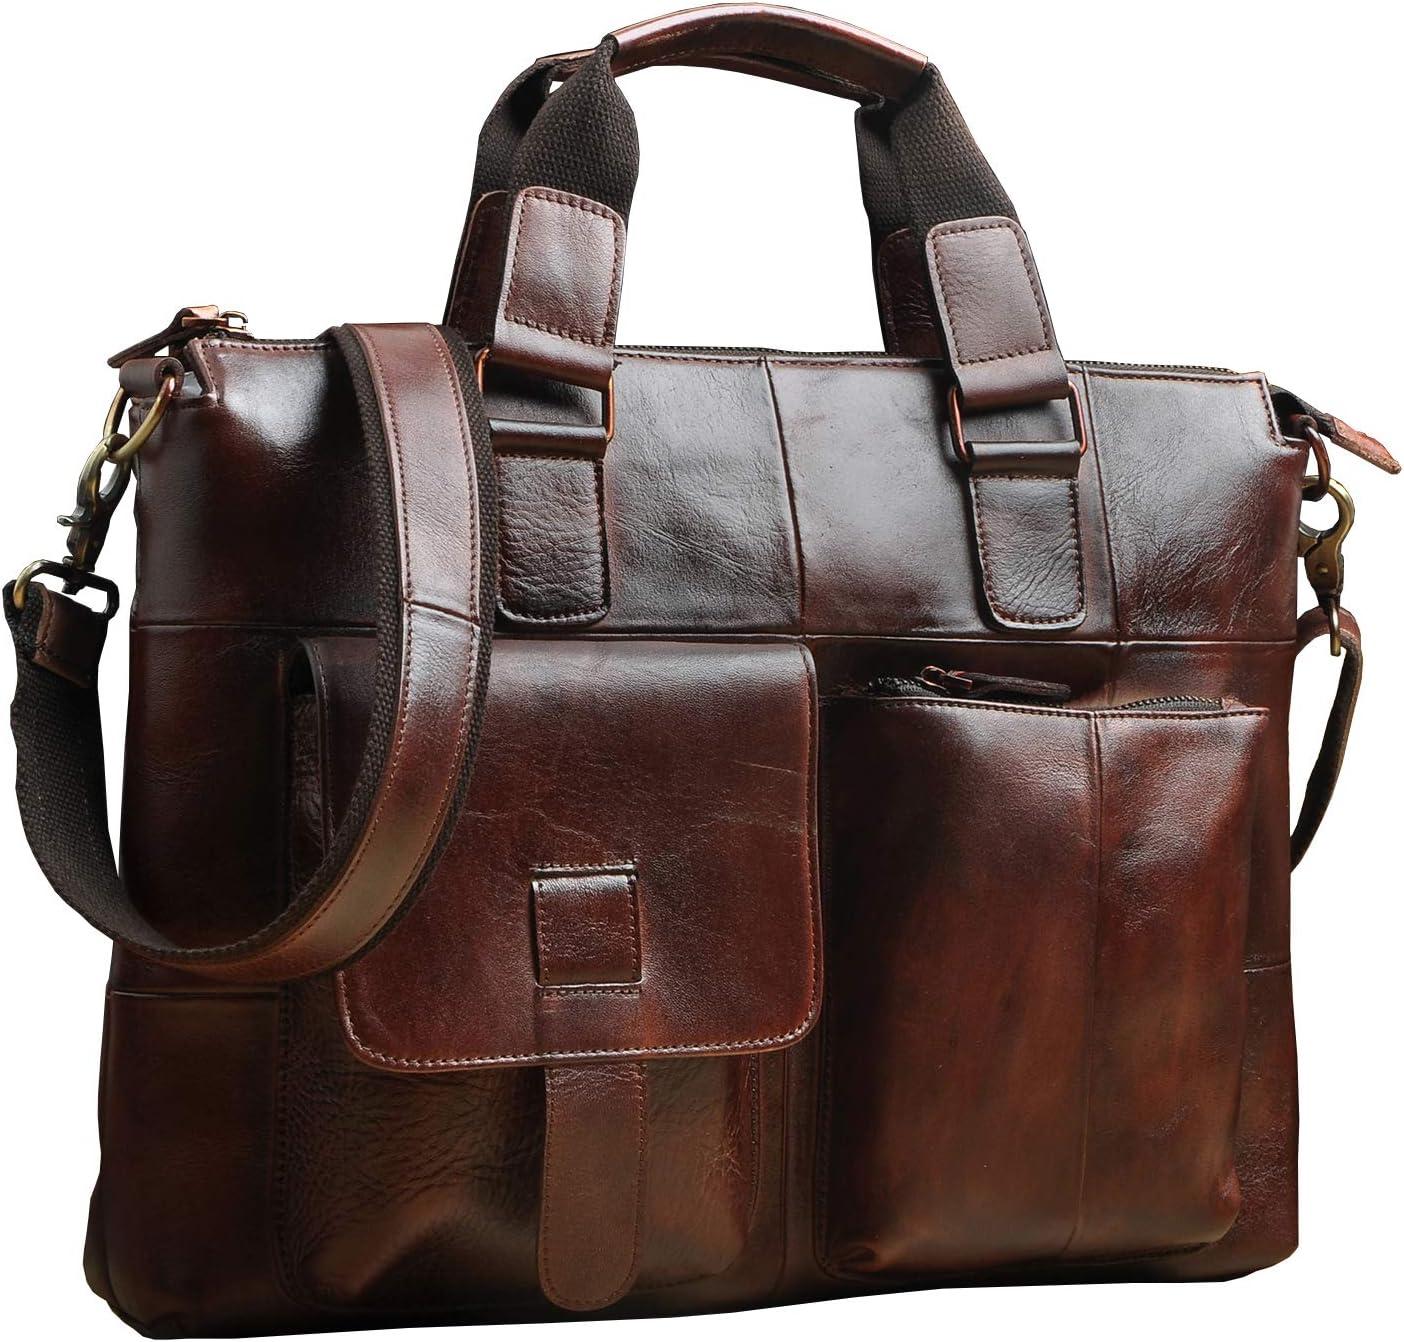 人気の製品 Le'aokuu Leather Mens Business Travel Best Case Laptop 出色 Portfolio